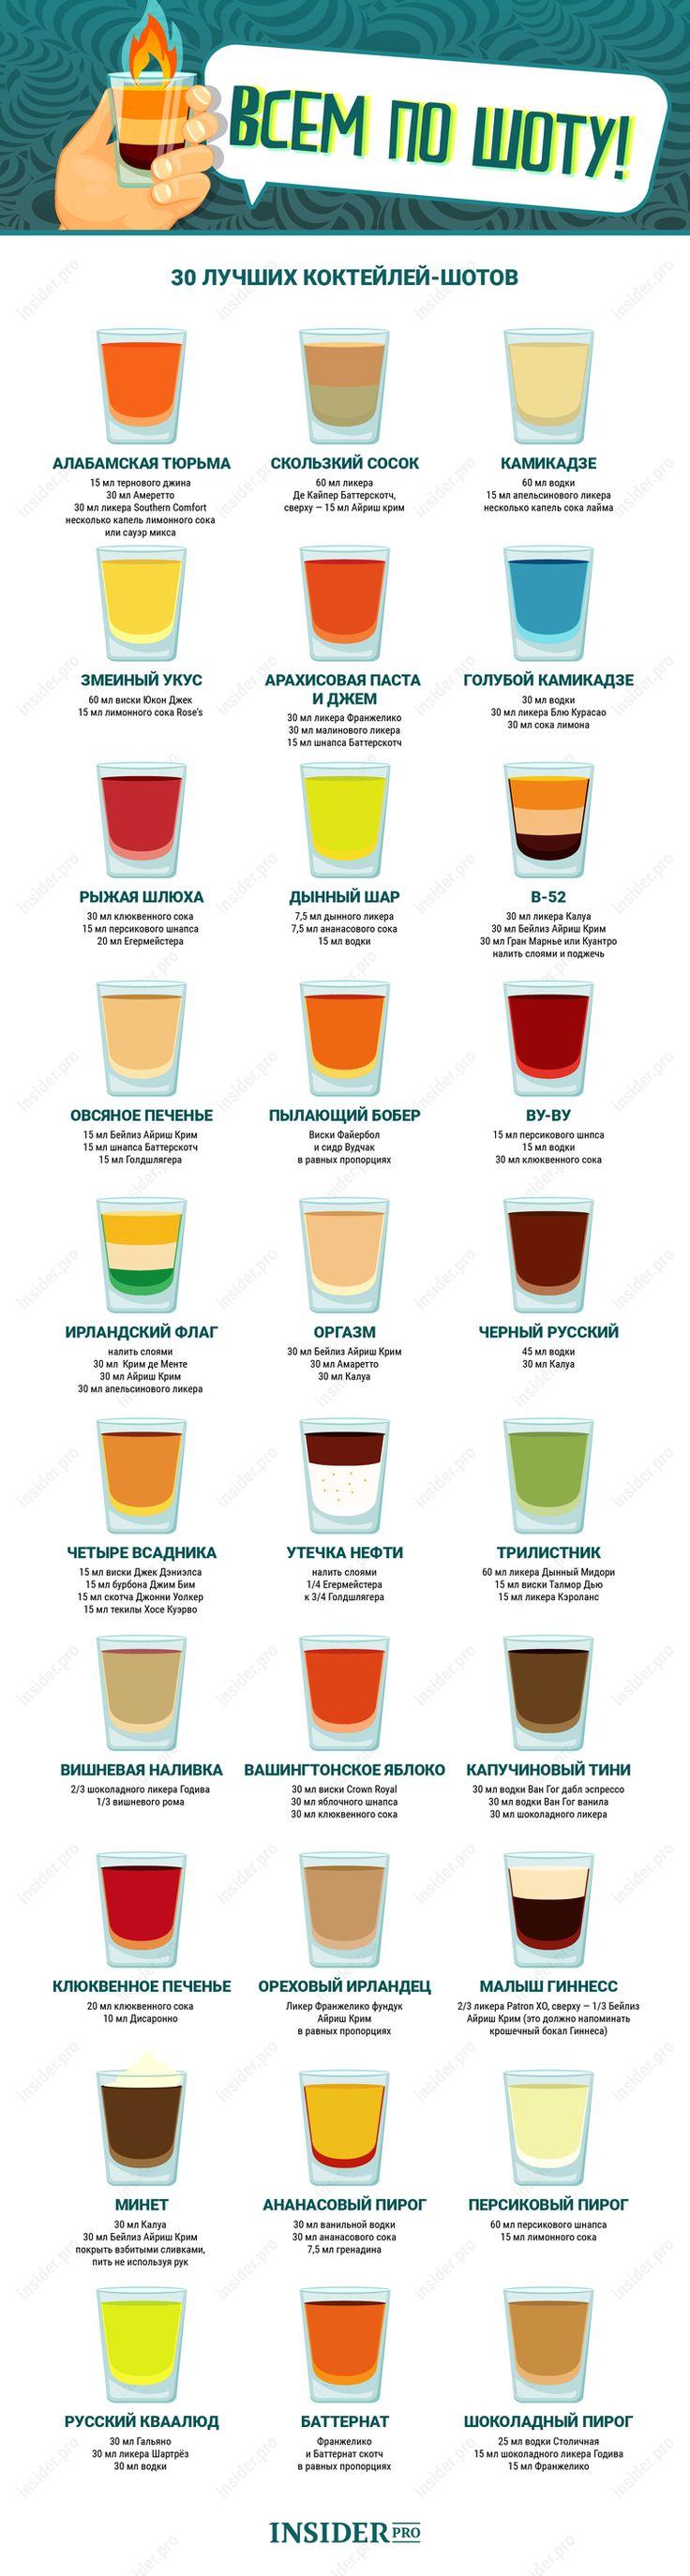 Инфографика: 30 лучших коктейлей-шотов | Инфографика | Insider.pro